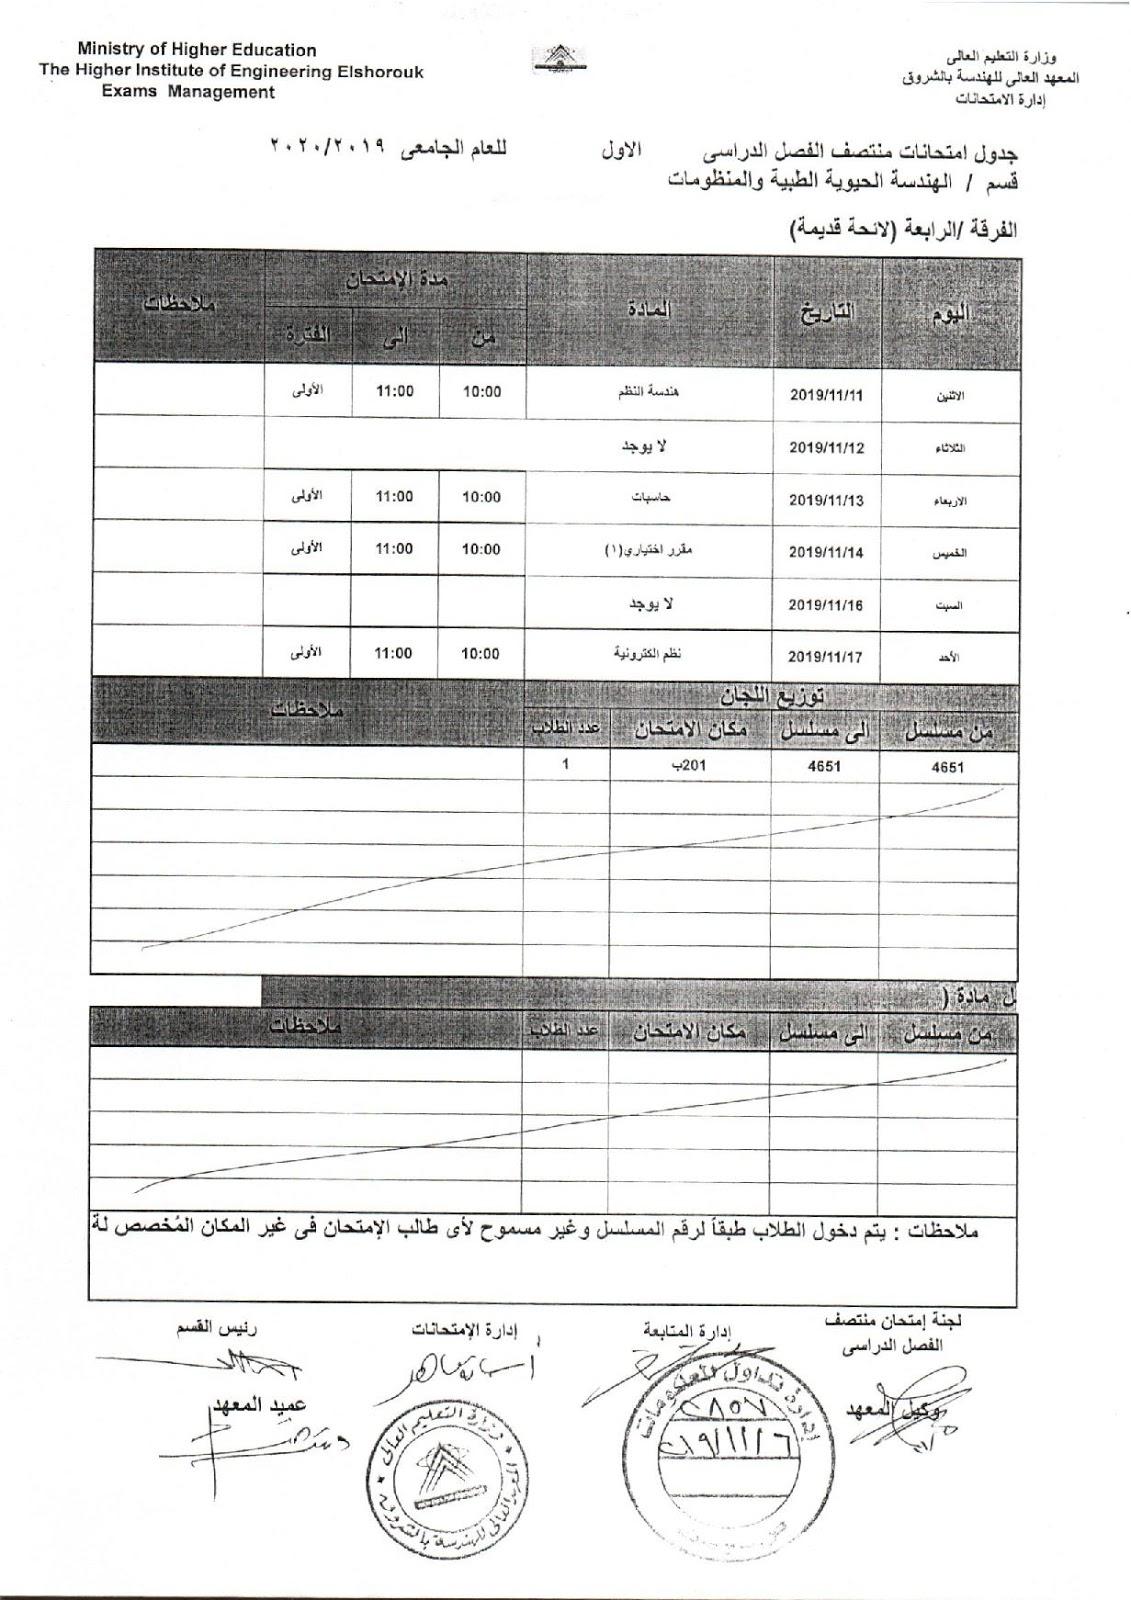 جدول امتحانات اكاديمية الشروق رابعة الهندسة الحيوية الطبية والمنظومات (لائحة قديمة)  ميدترم 2019-2020